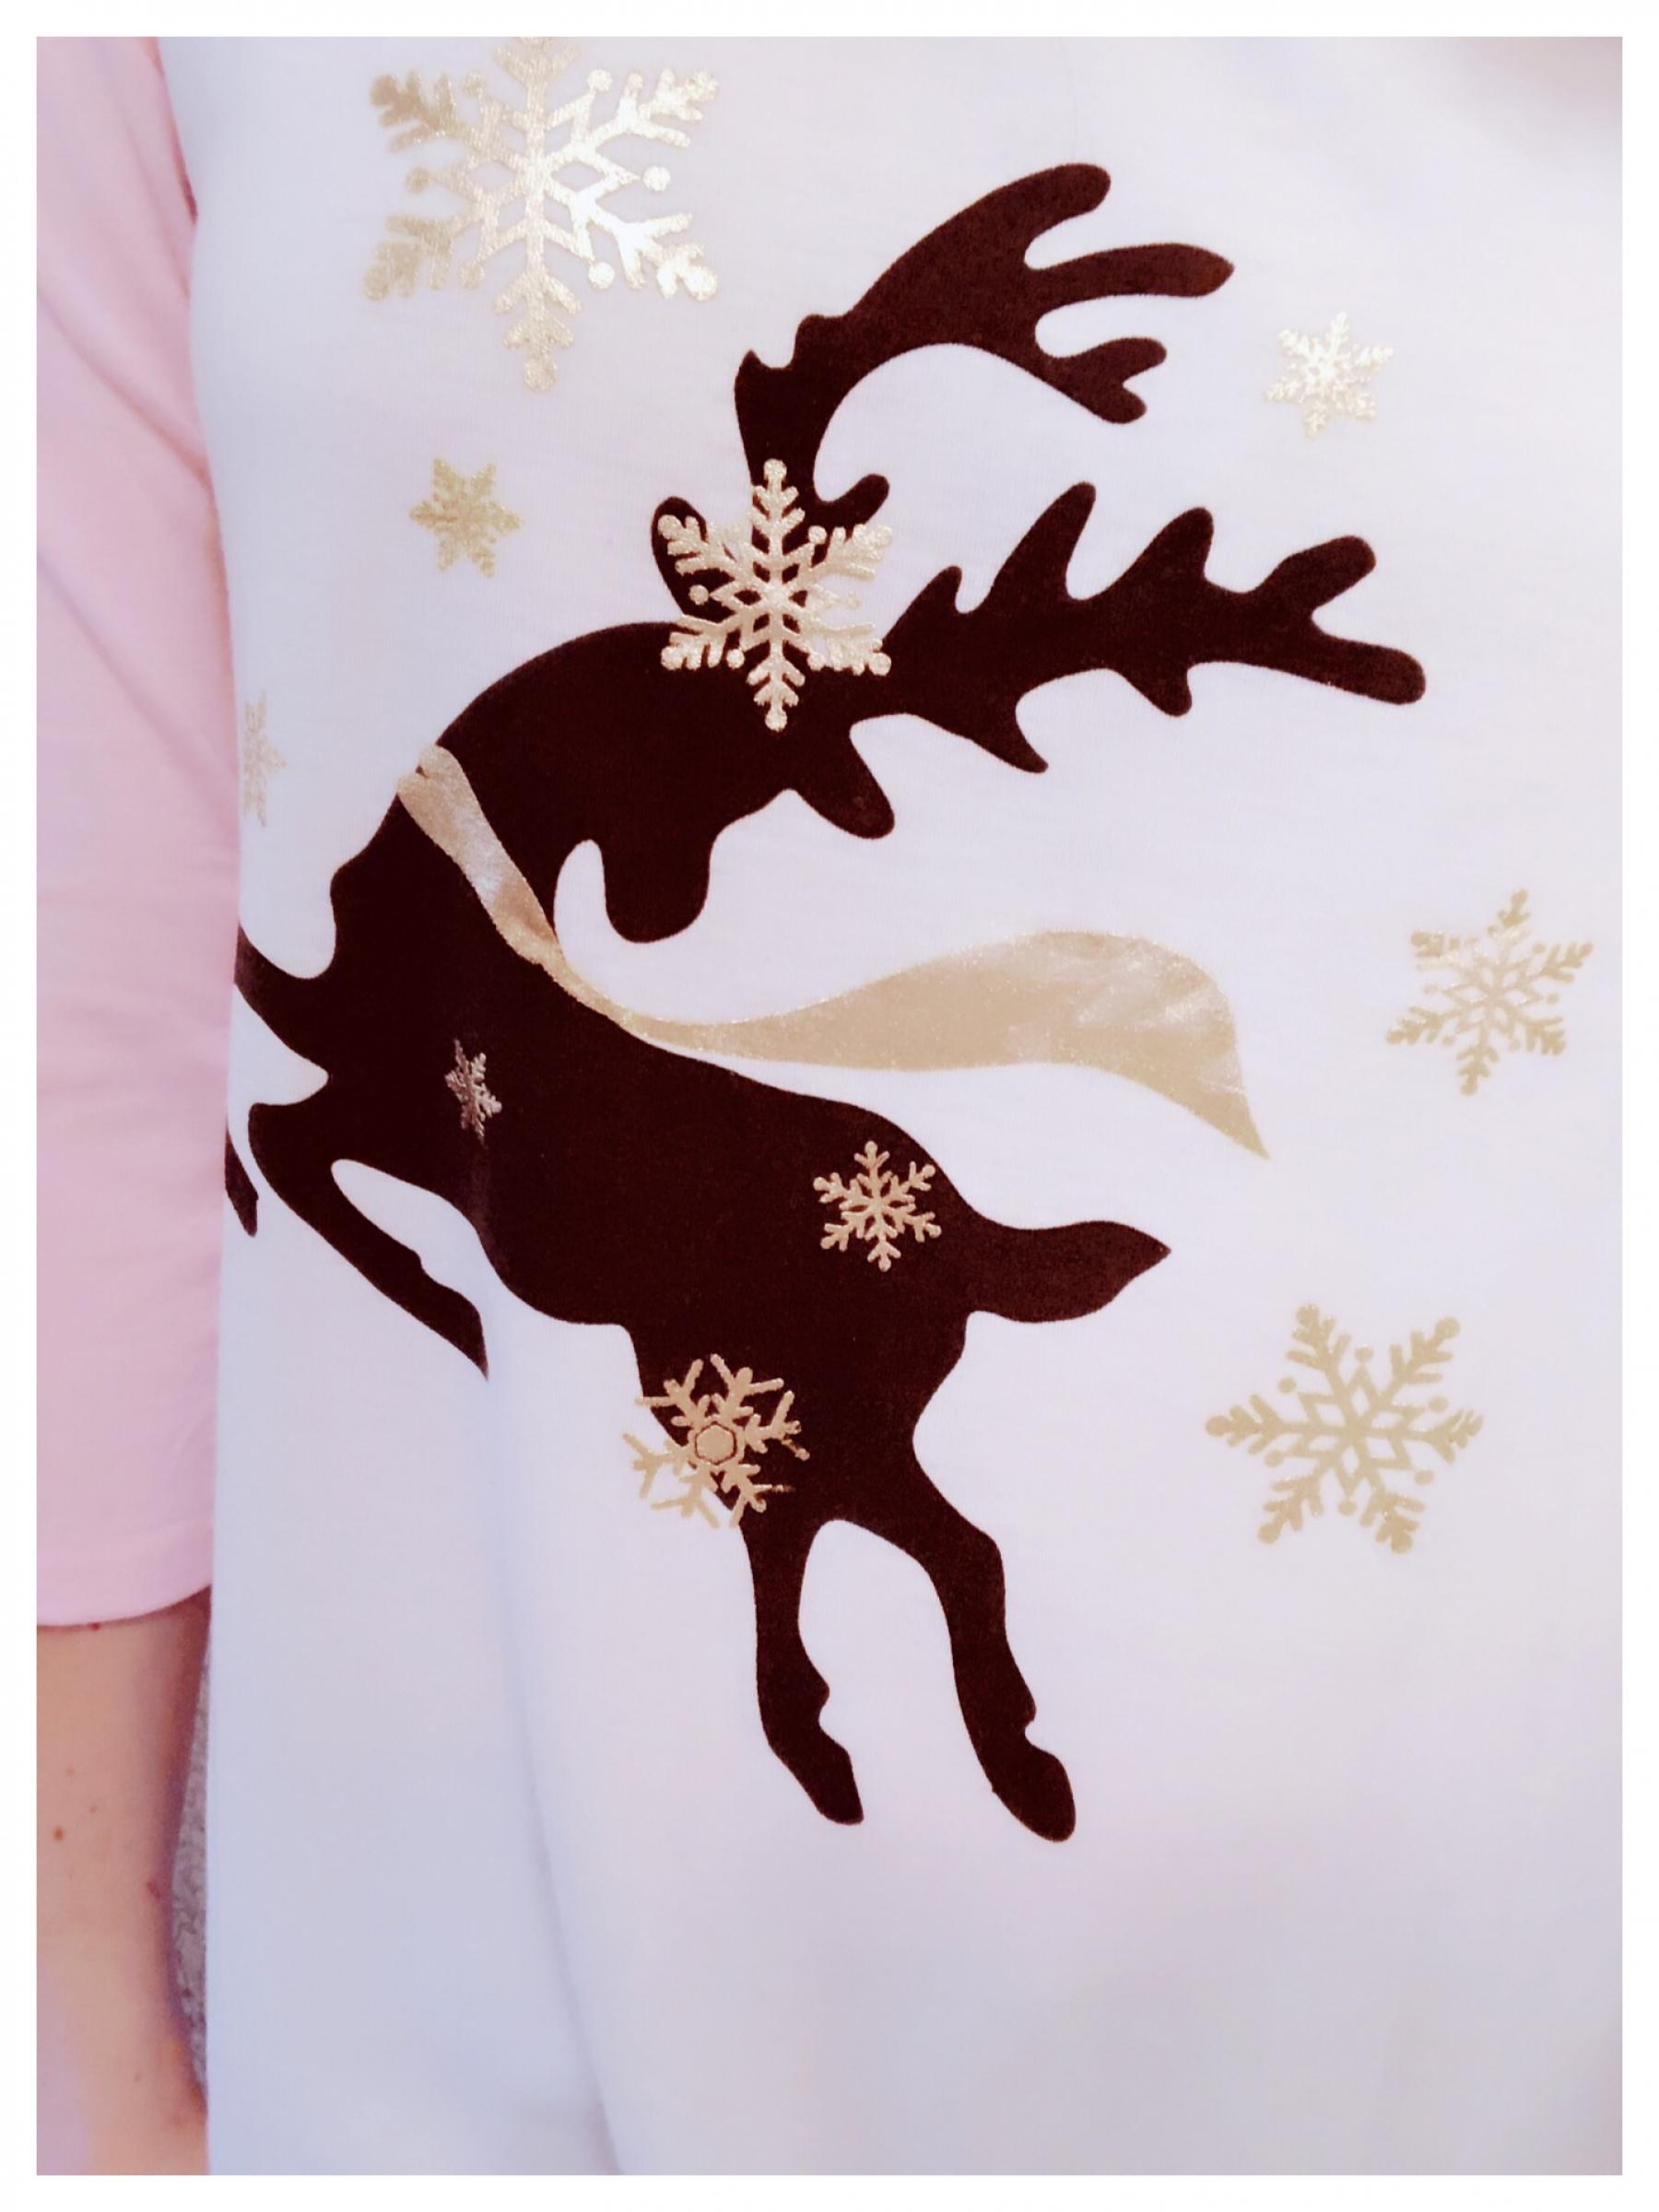 I adore this festive reindeer baseball tee!